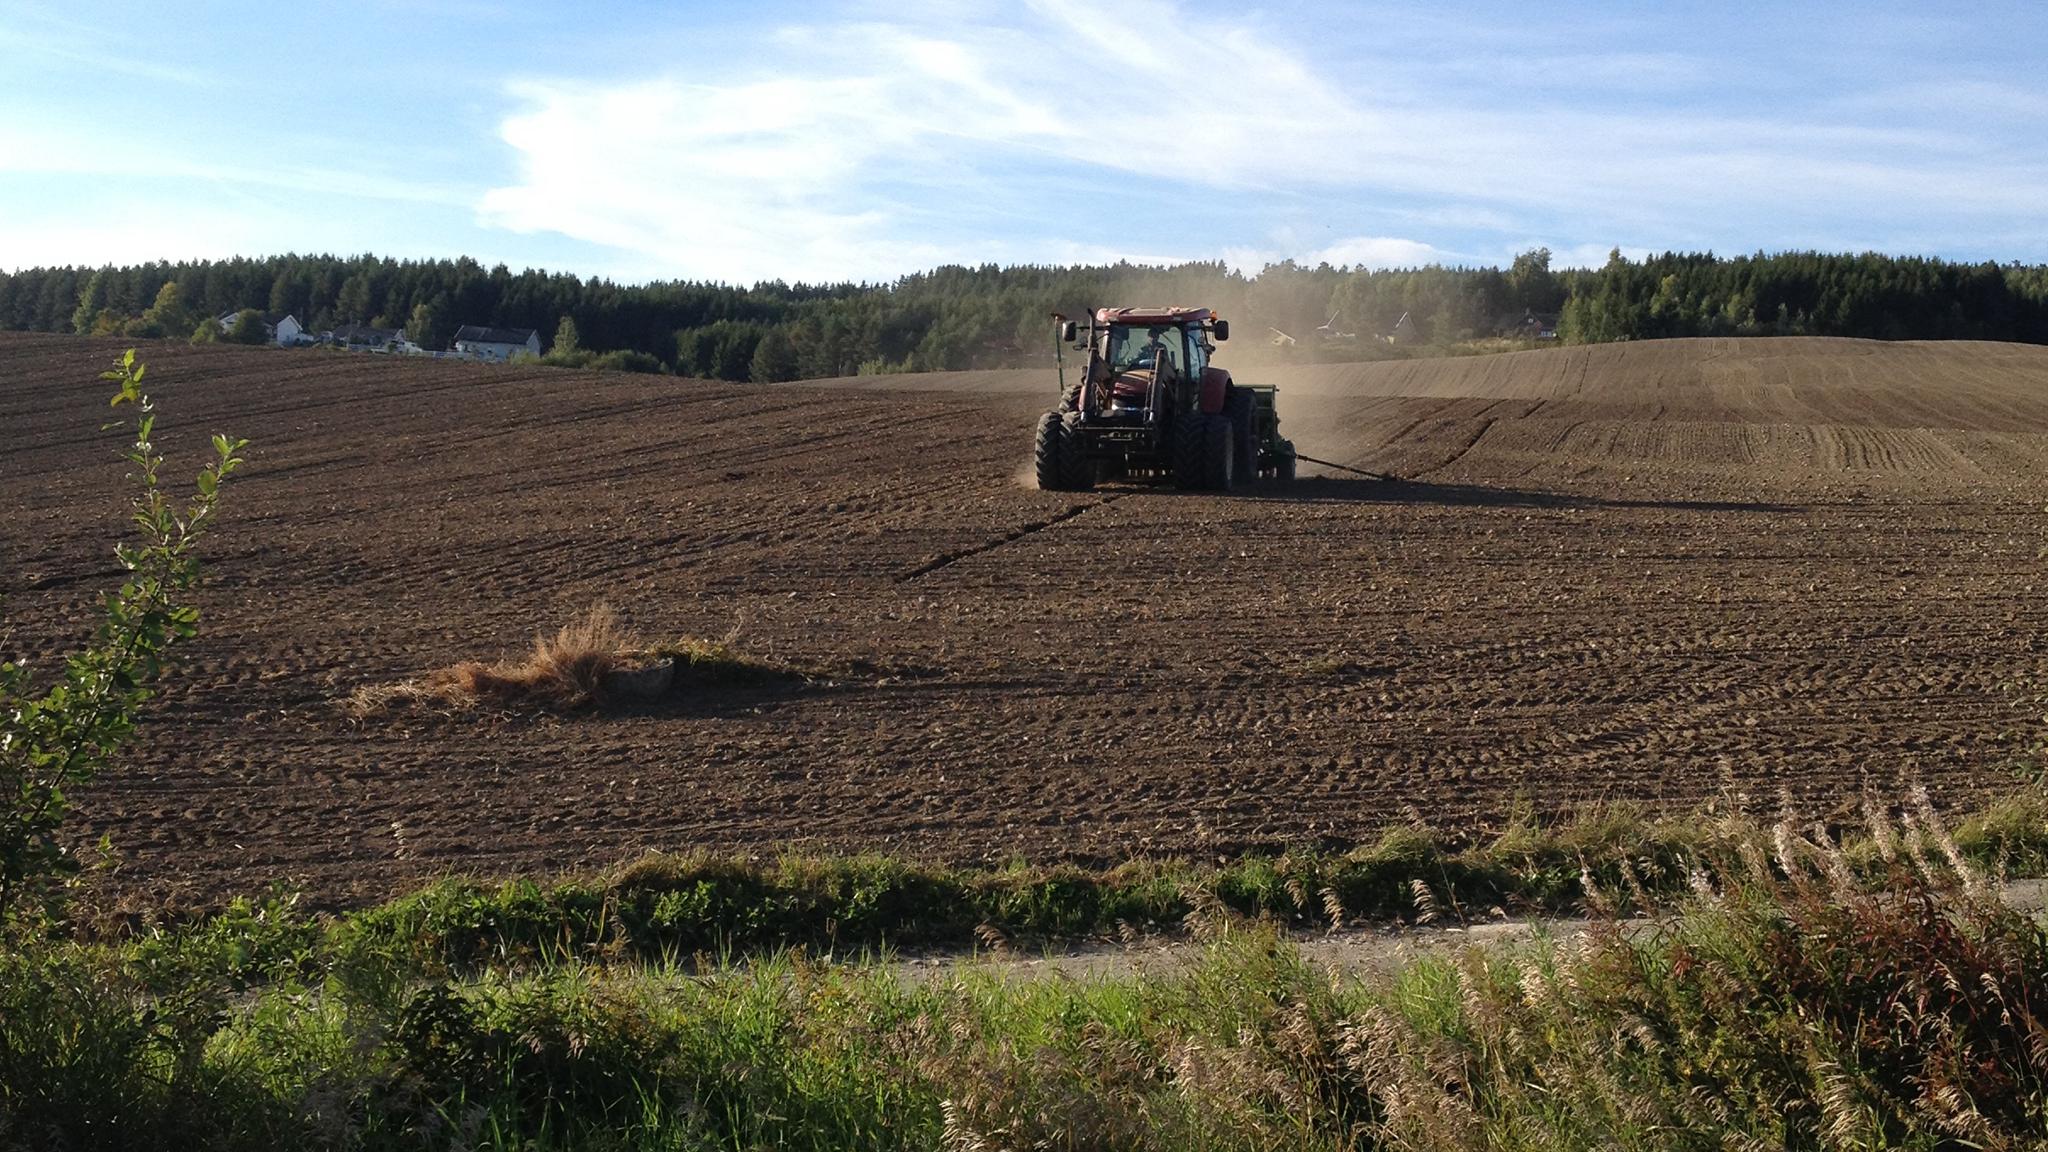 Krever tiltak for å sikre sesongarbeidere til landbruket